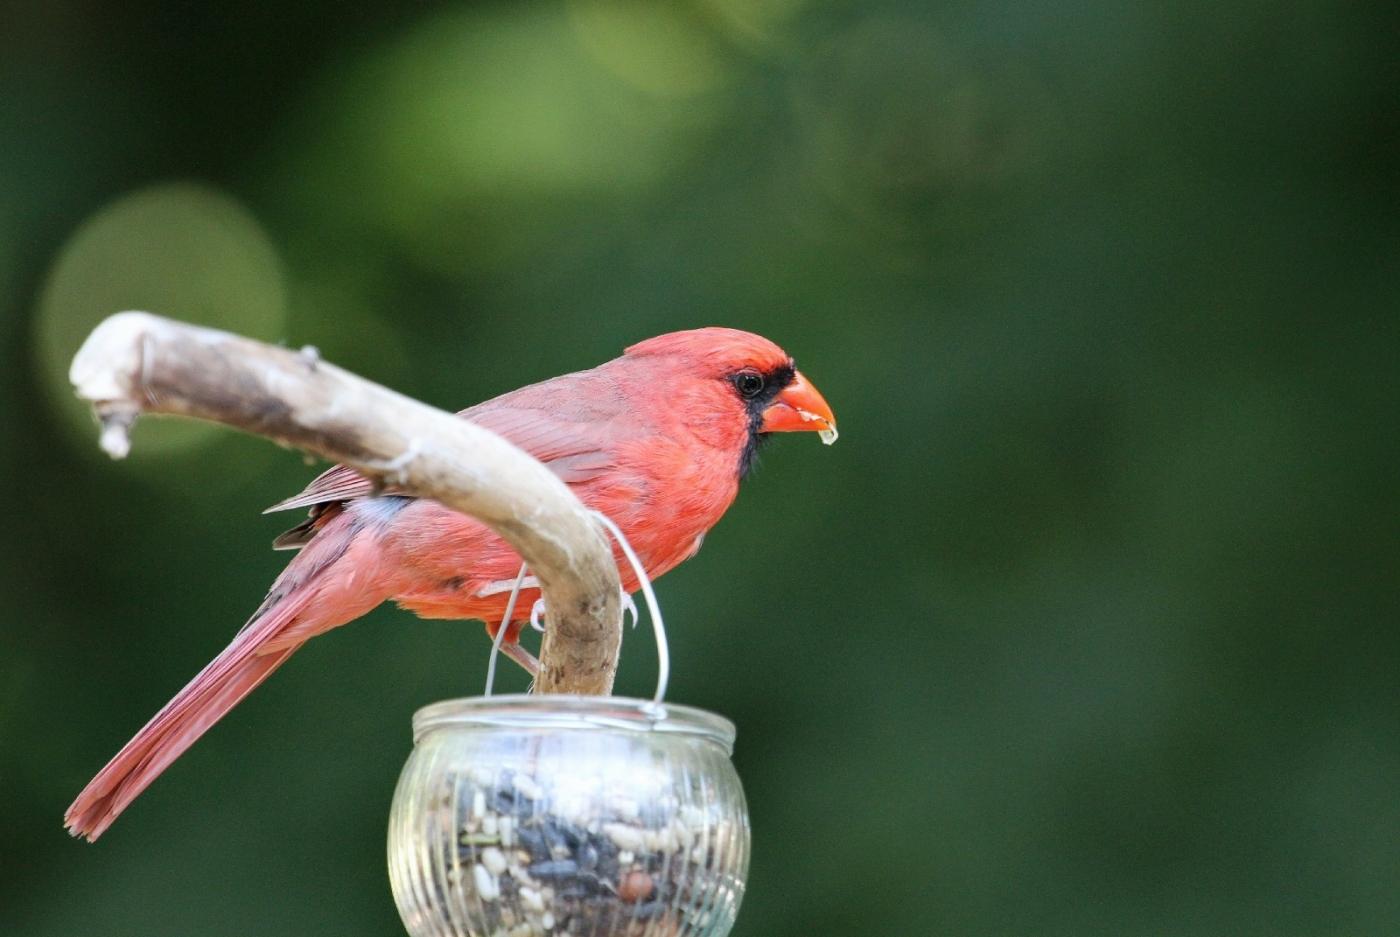 【田螺摄影】做个漂亮的喂鸟器更吸引红衣主教_图1-10